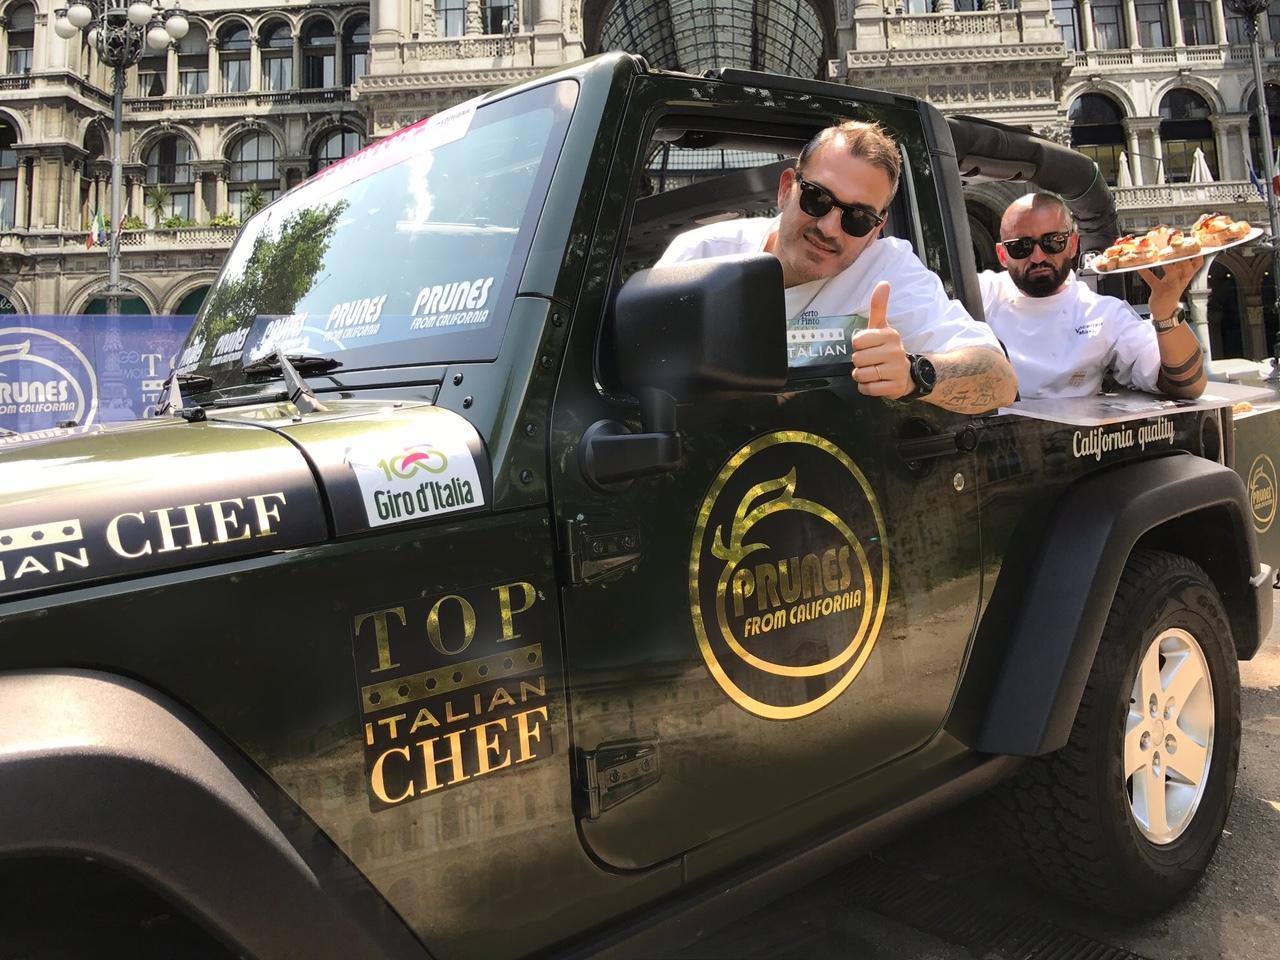 Le Prugne della California e Top Italian Chef al traguardo del 100° Giro d'Italia